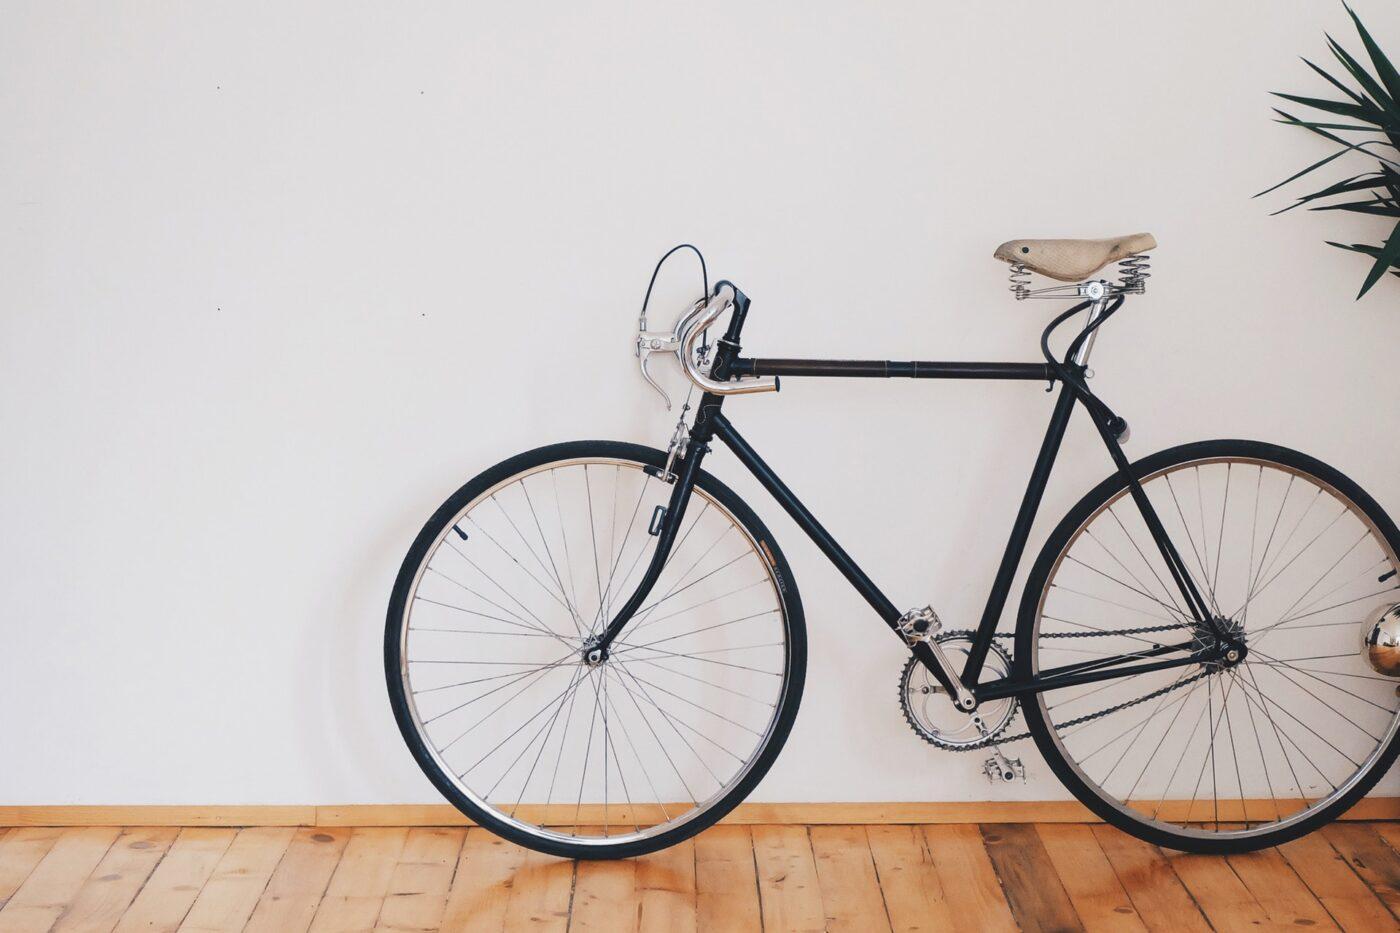 Ασφάλιση Ποδηλάτου- Ασφάλειες Βακάλη